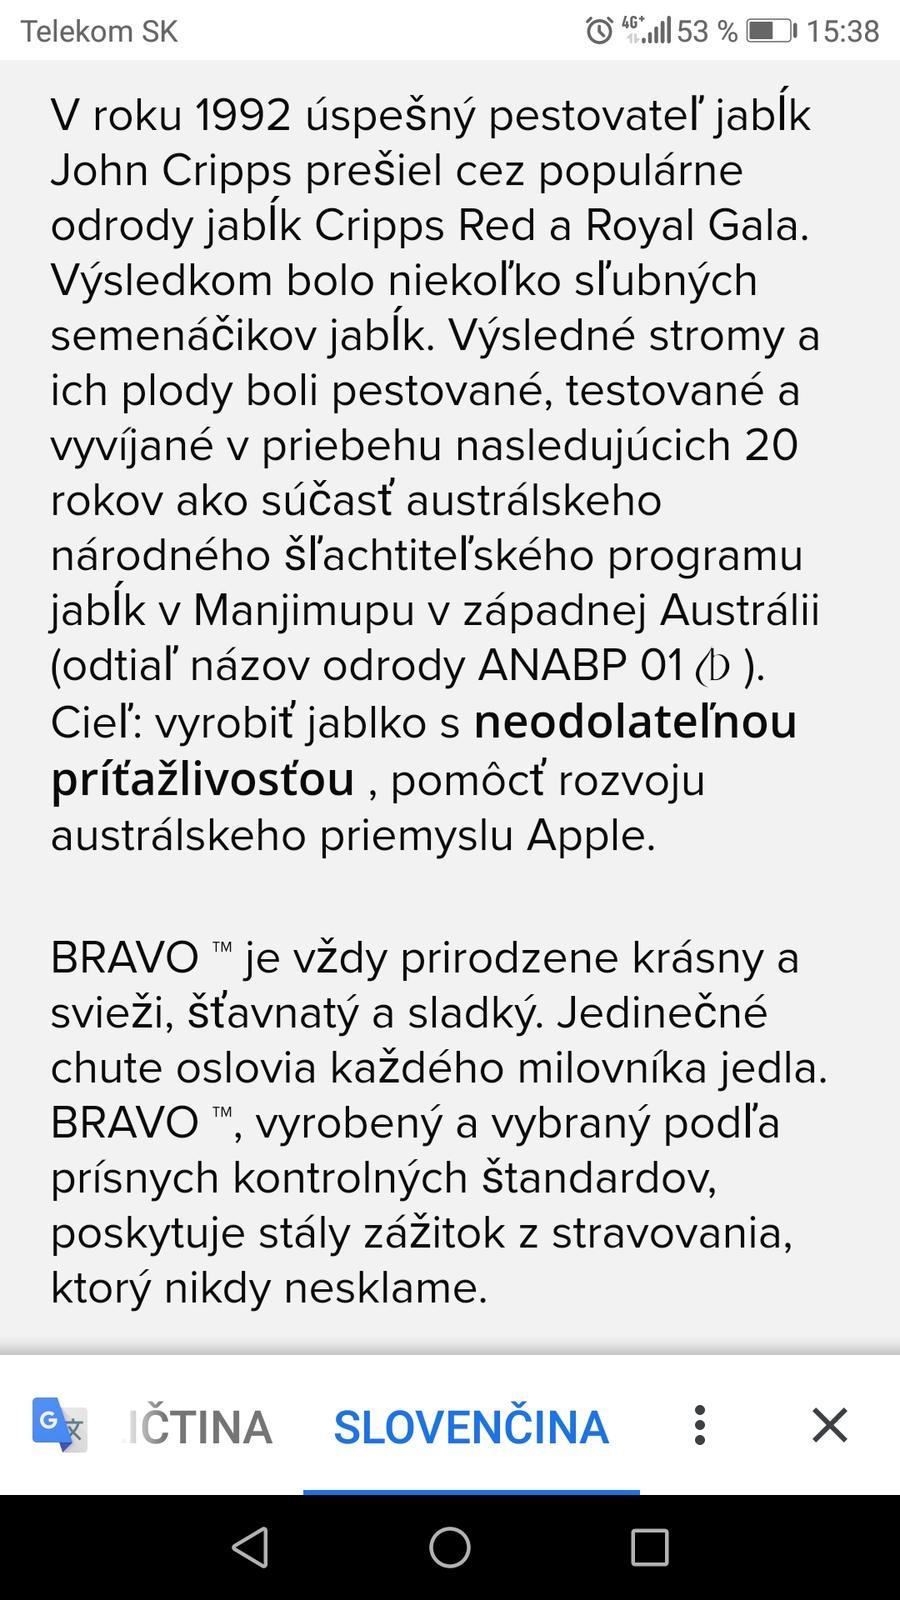 Bravo je sladké a... - Obrázok č. 1